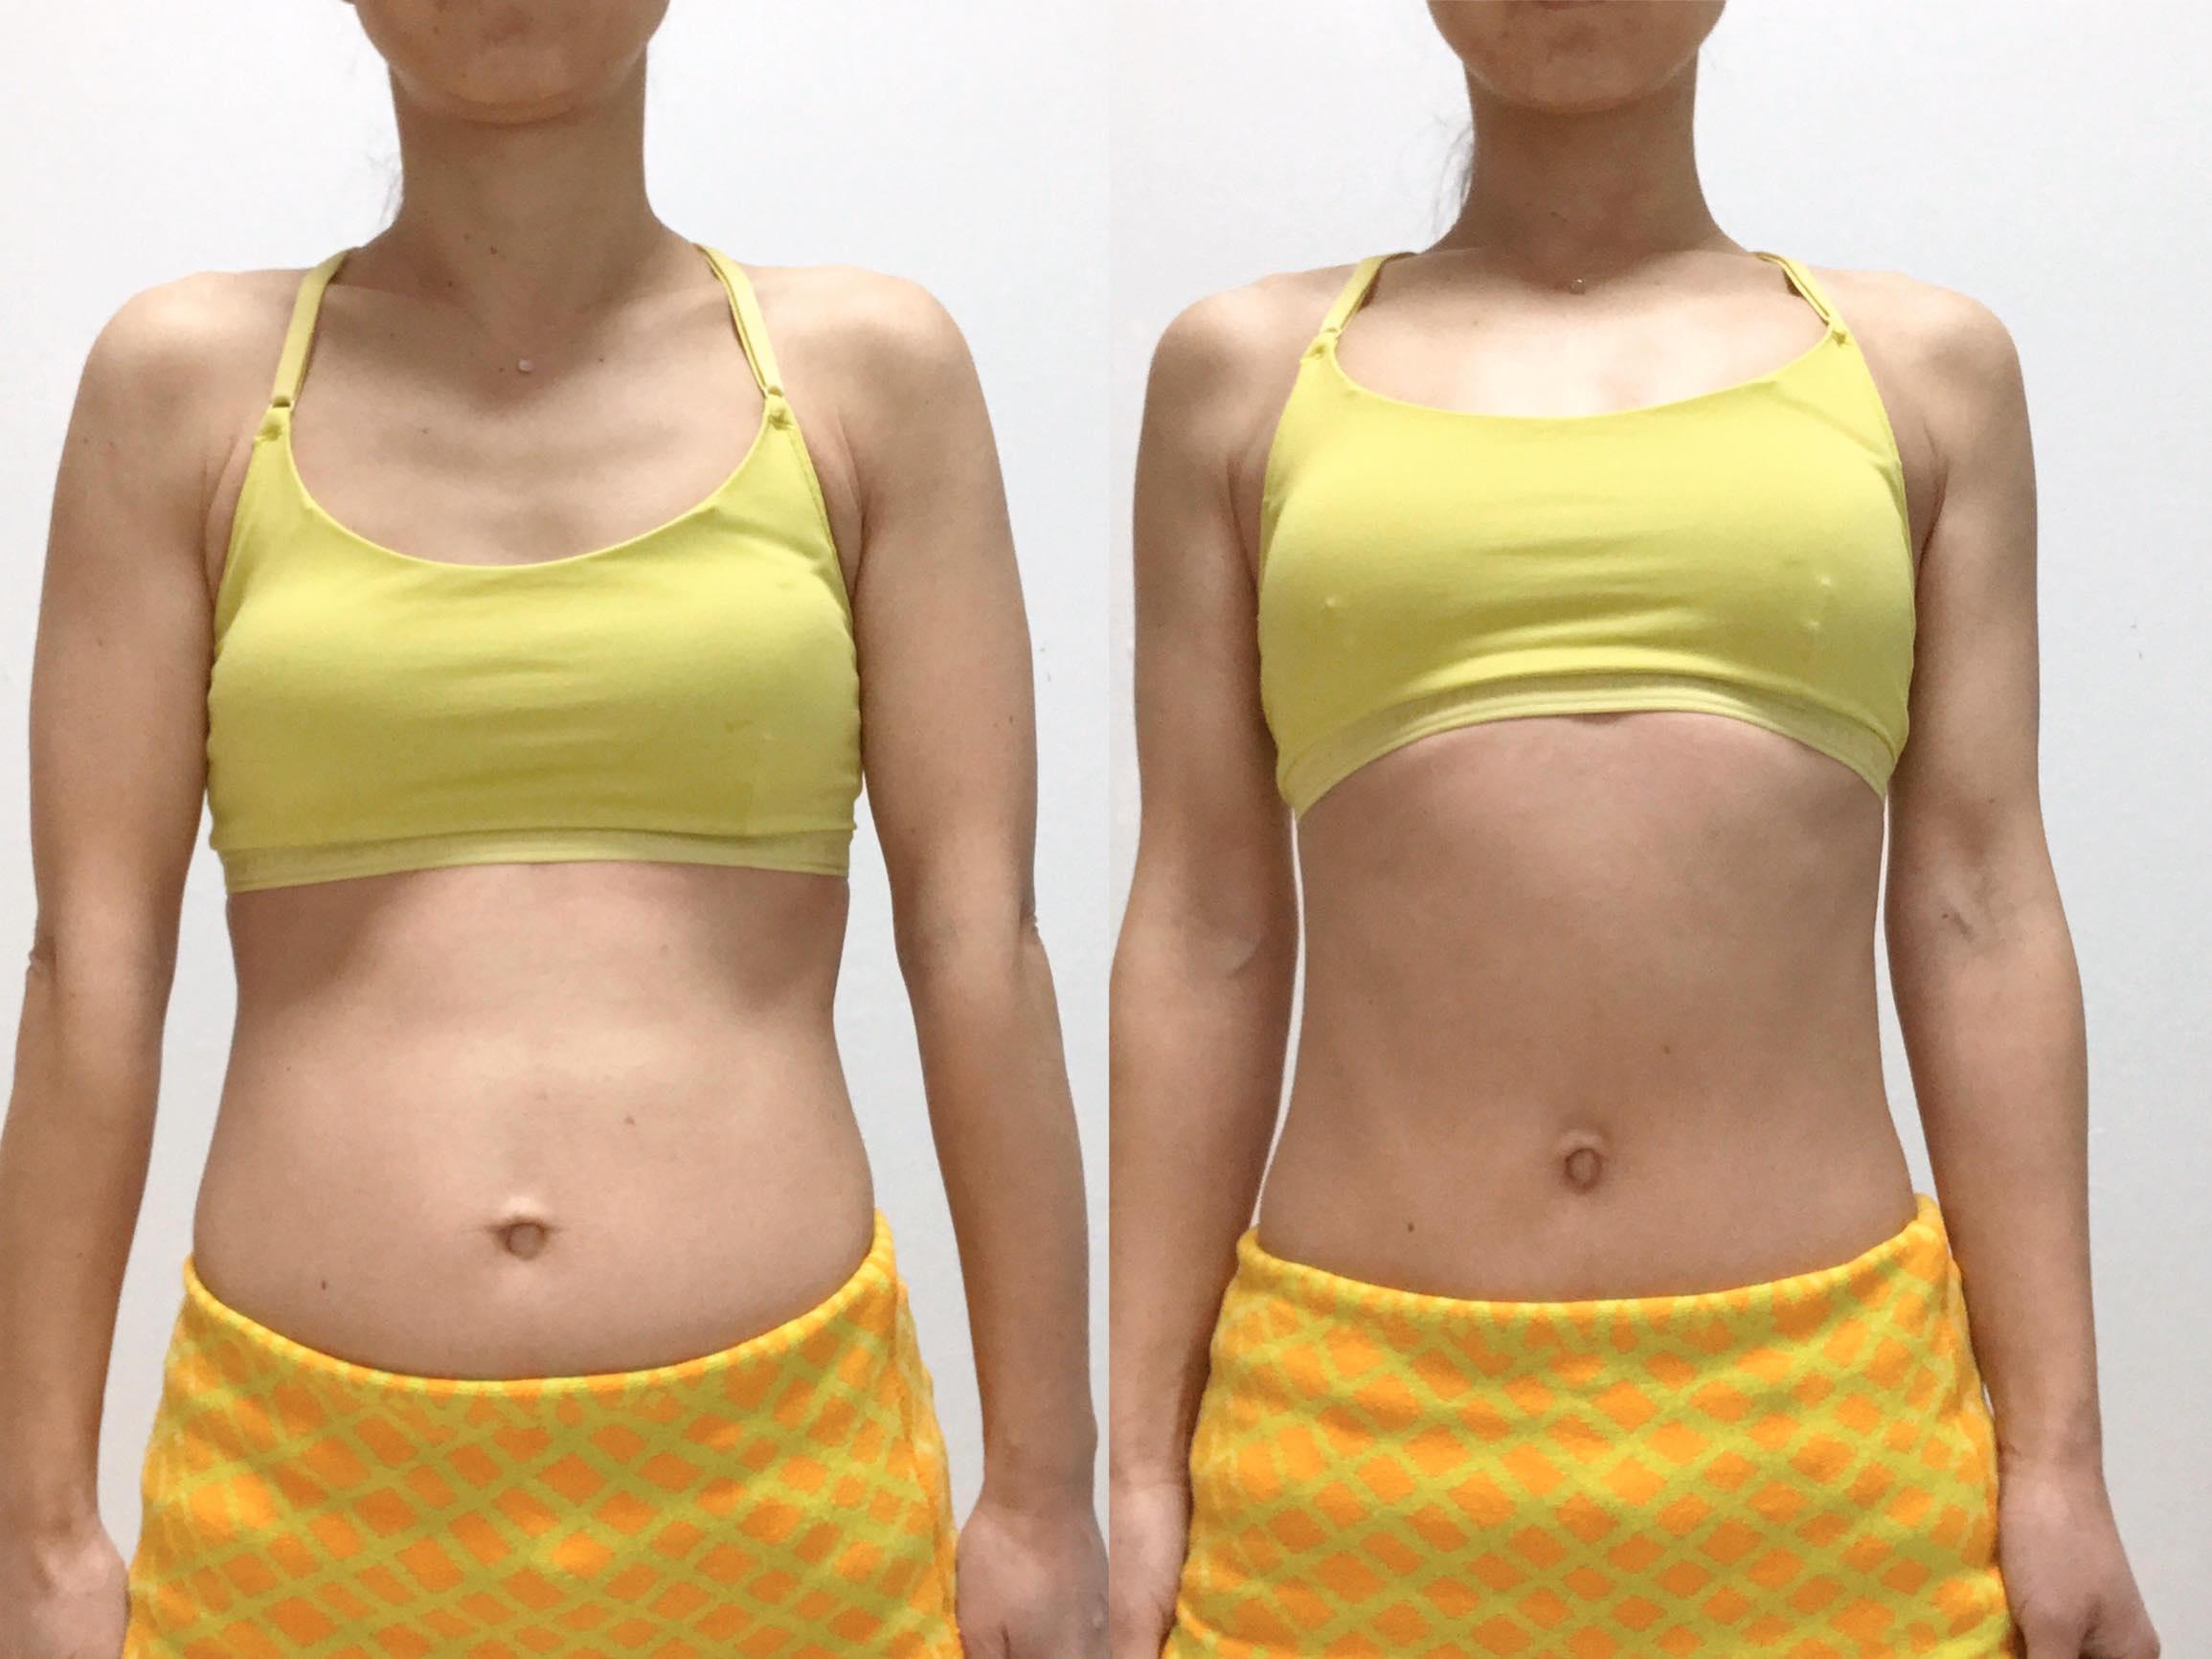 まだ、その体型を選択しているの?